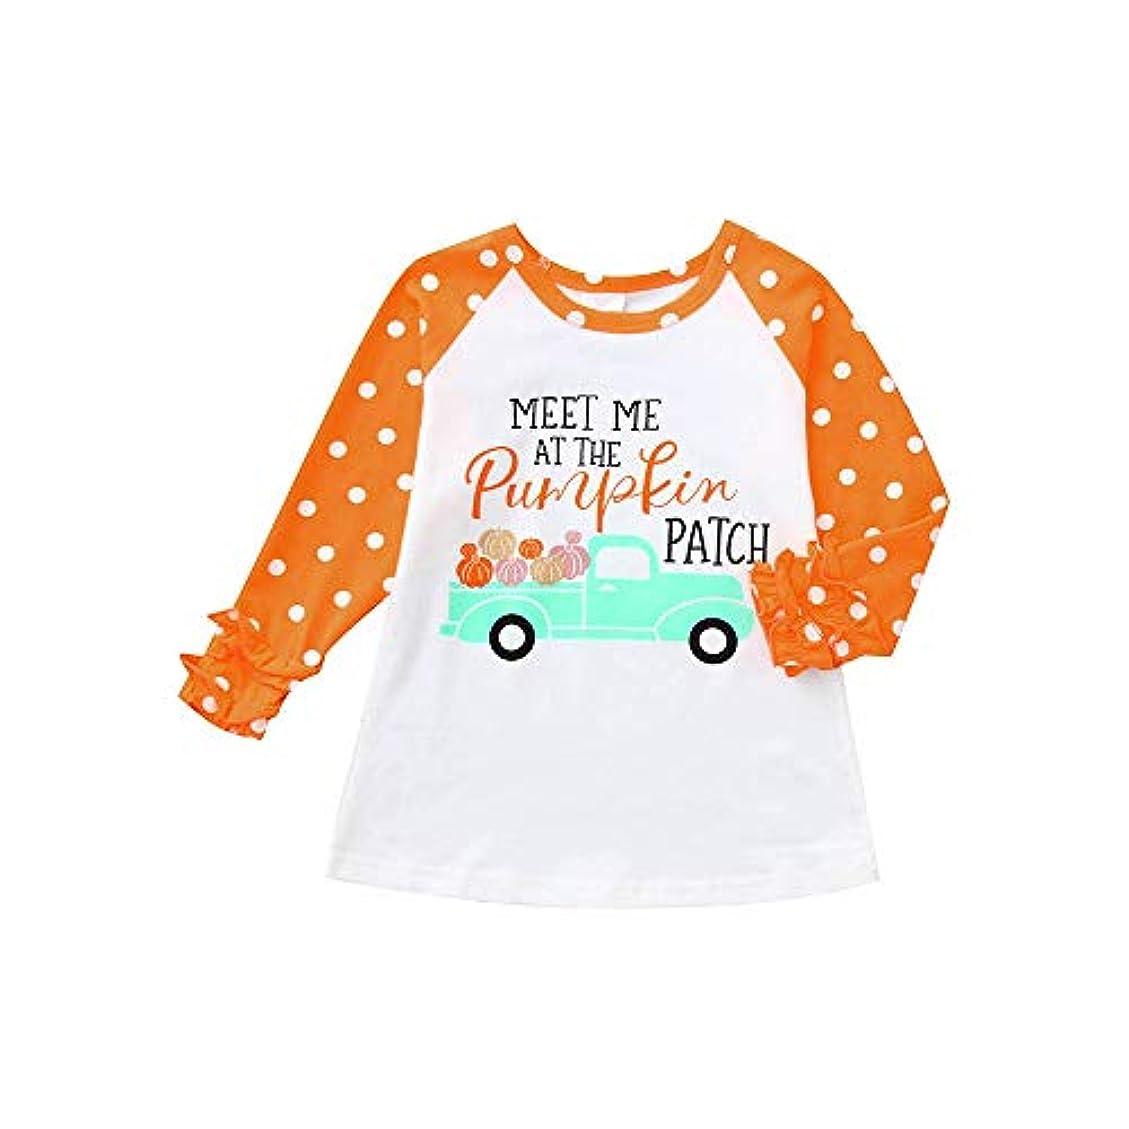 国家肌寒い等々(プタス) Putars ベイビーボーイズガールズロングスリーブレターパンプキンTシャツトップクリスマスコスチューム 12ヶ月 - 5 歳